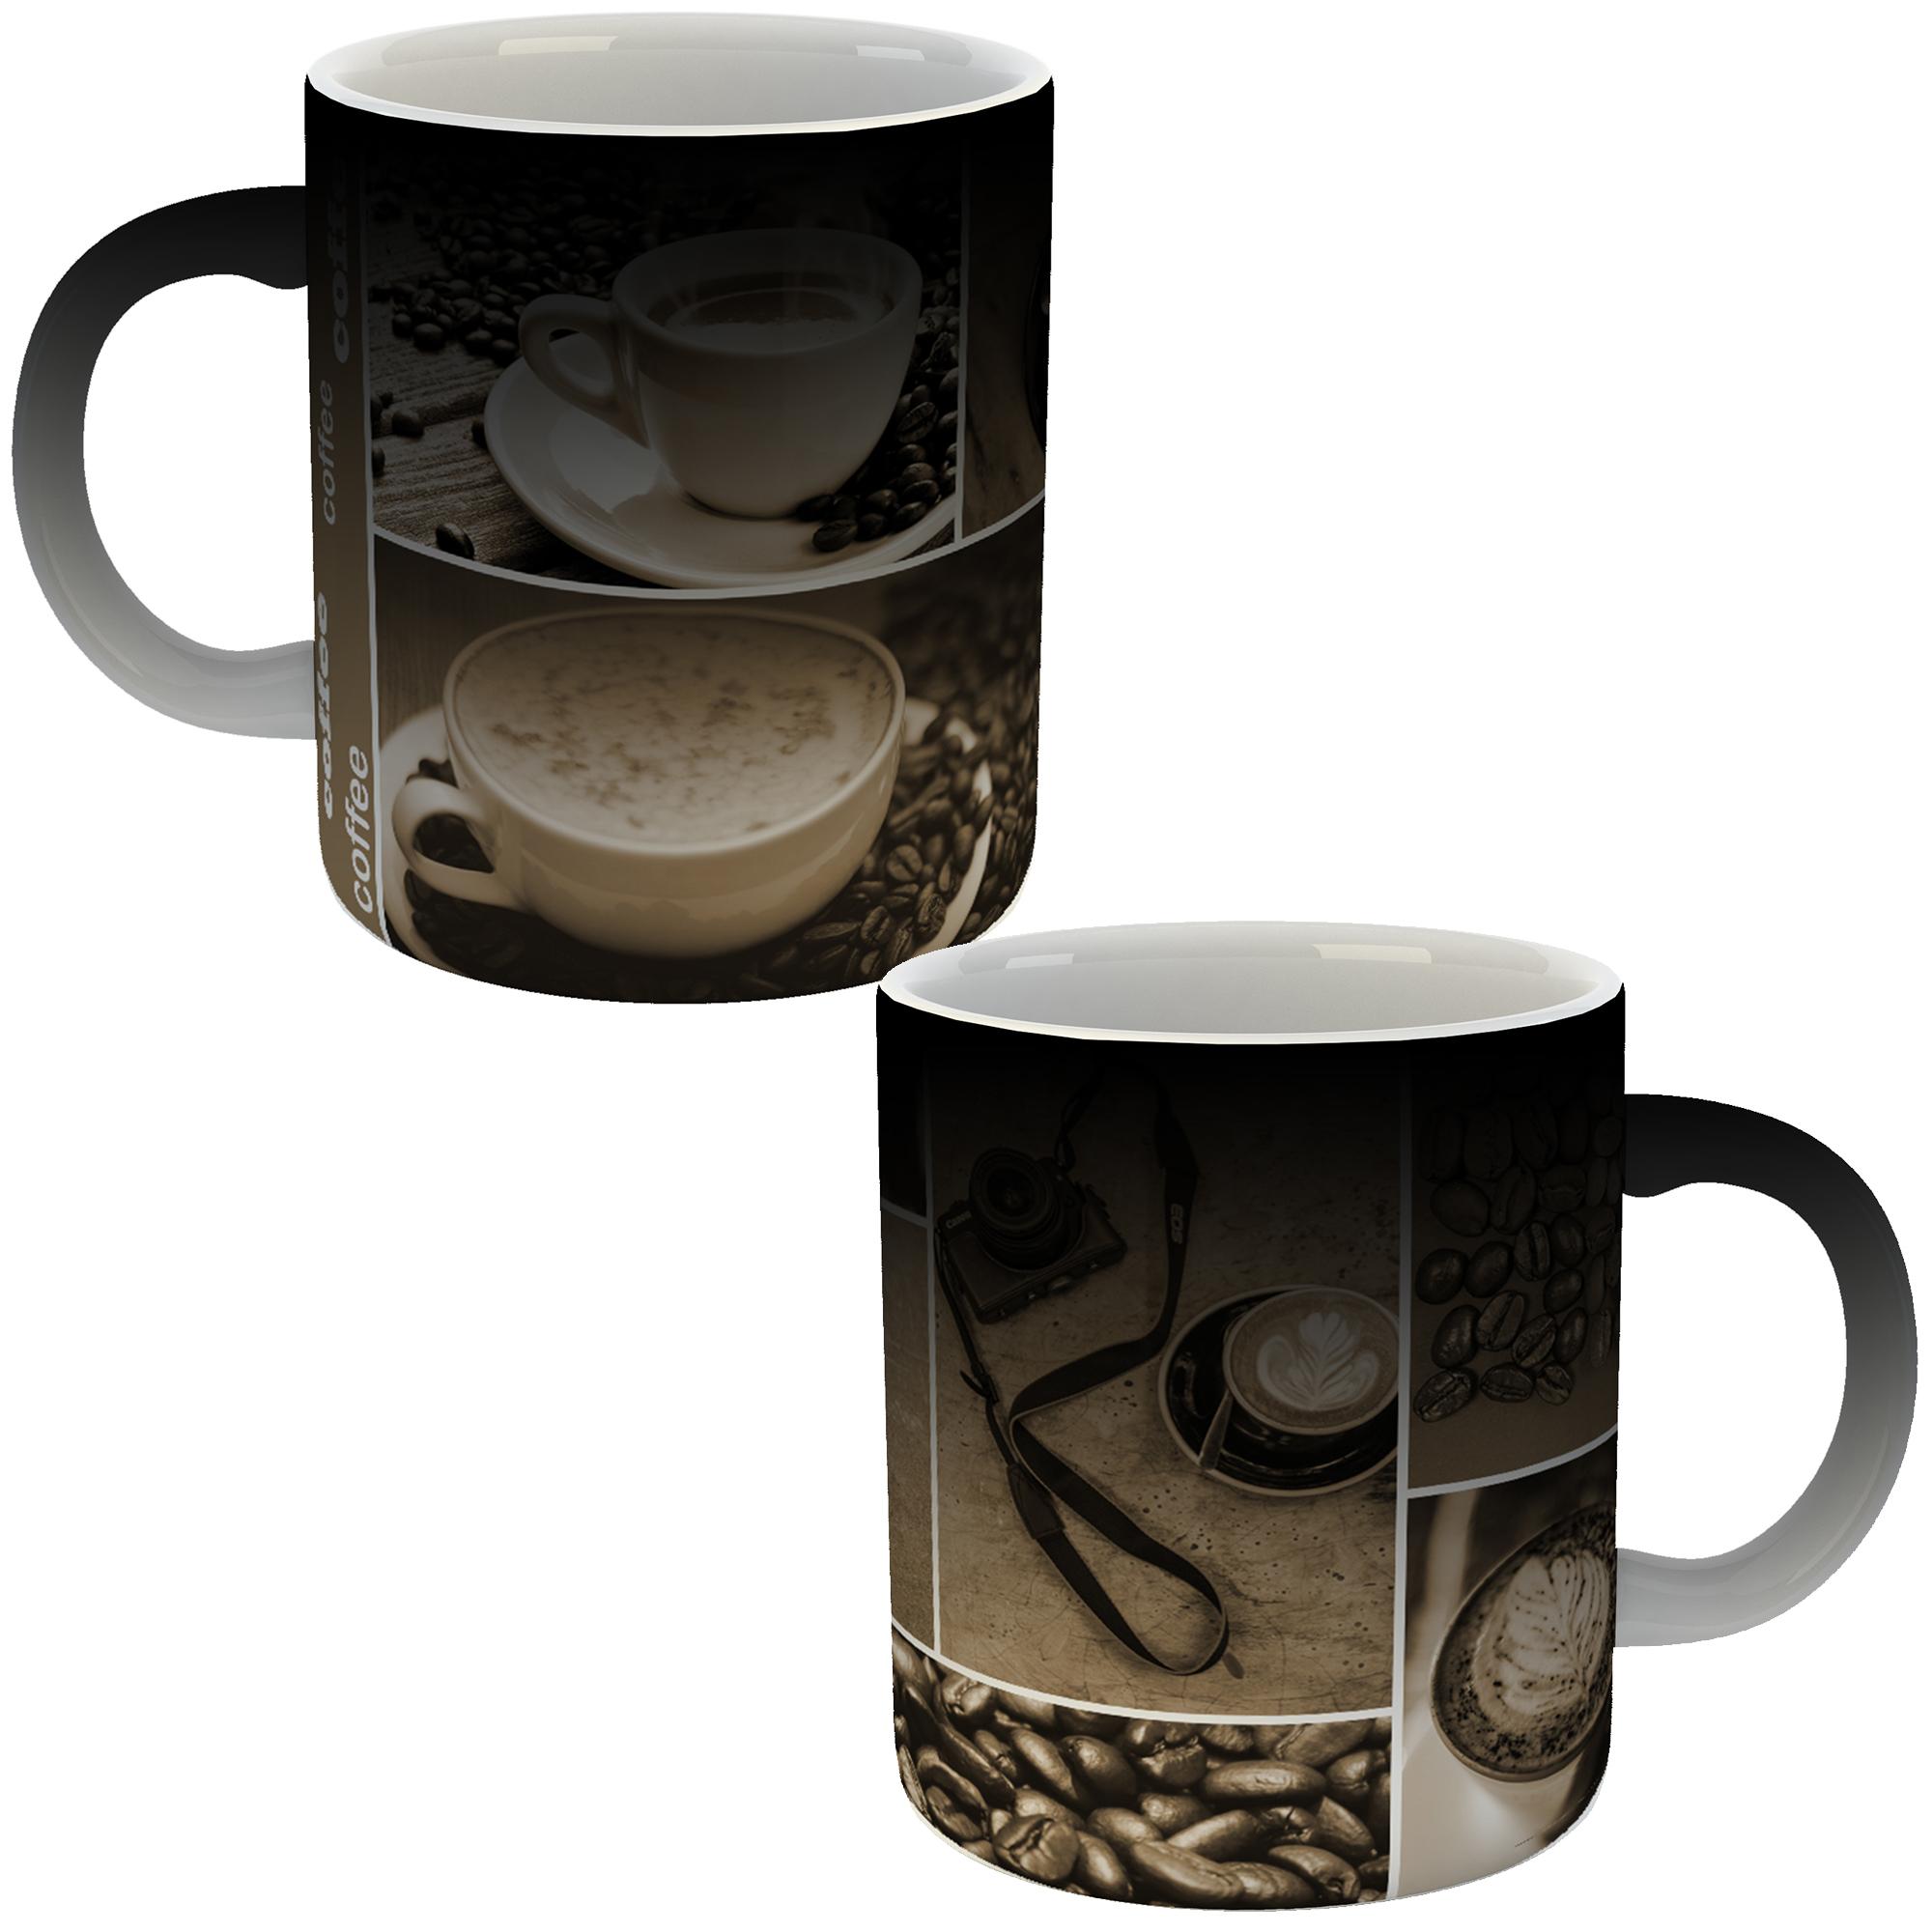 ماگ حرارتی طرح قهوه 345 بسته 2 عددی